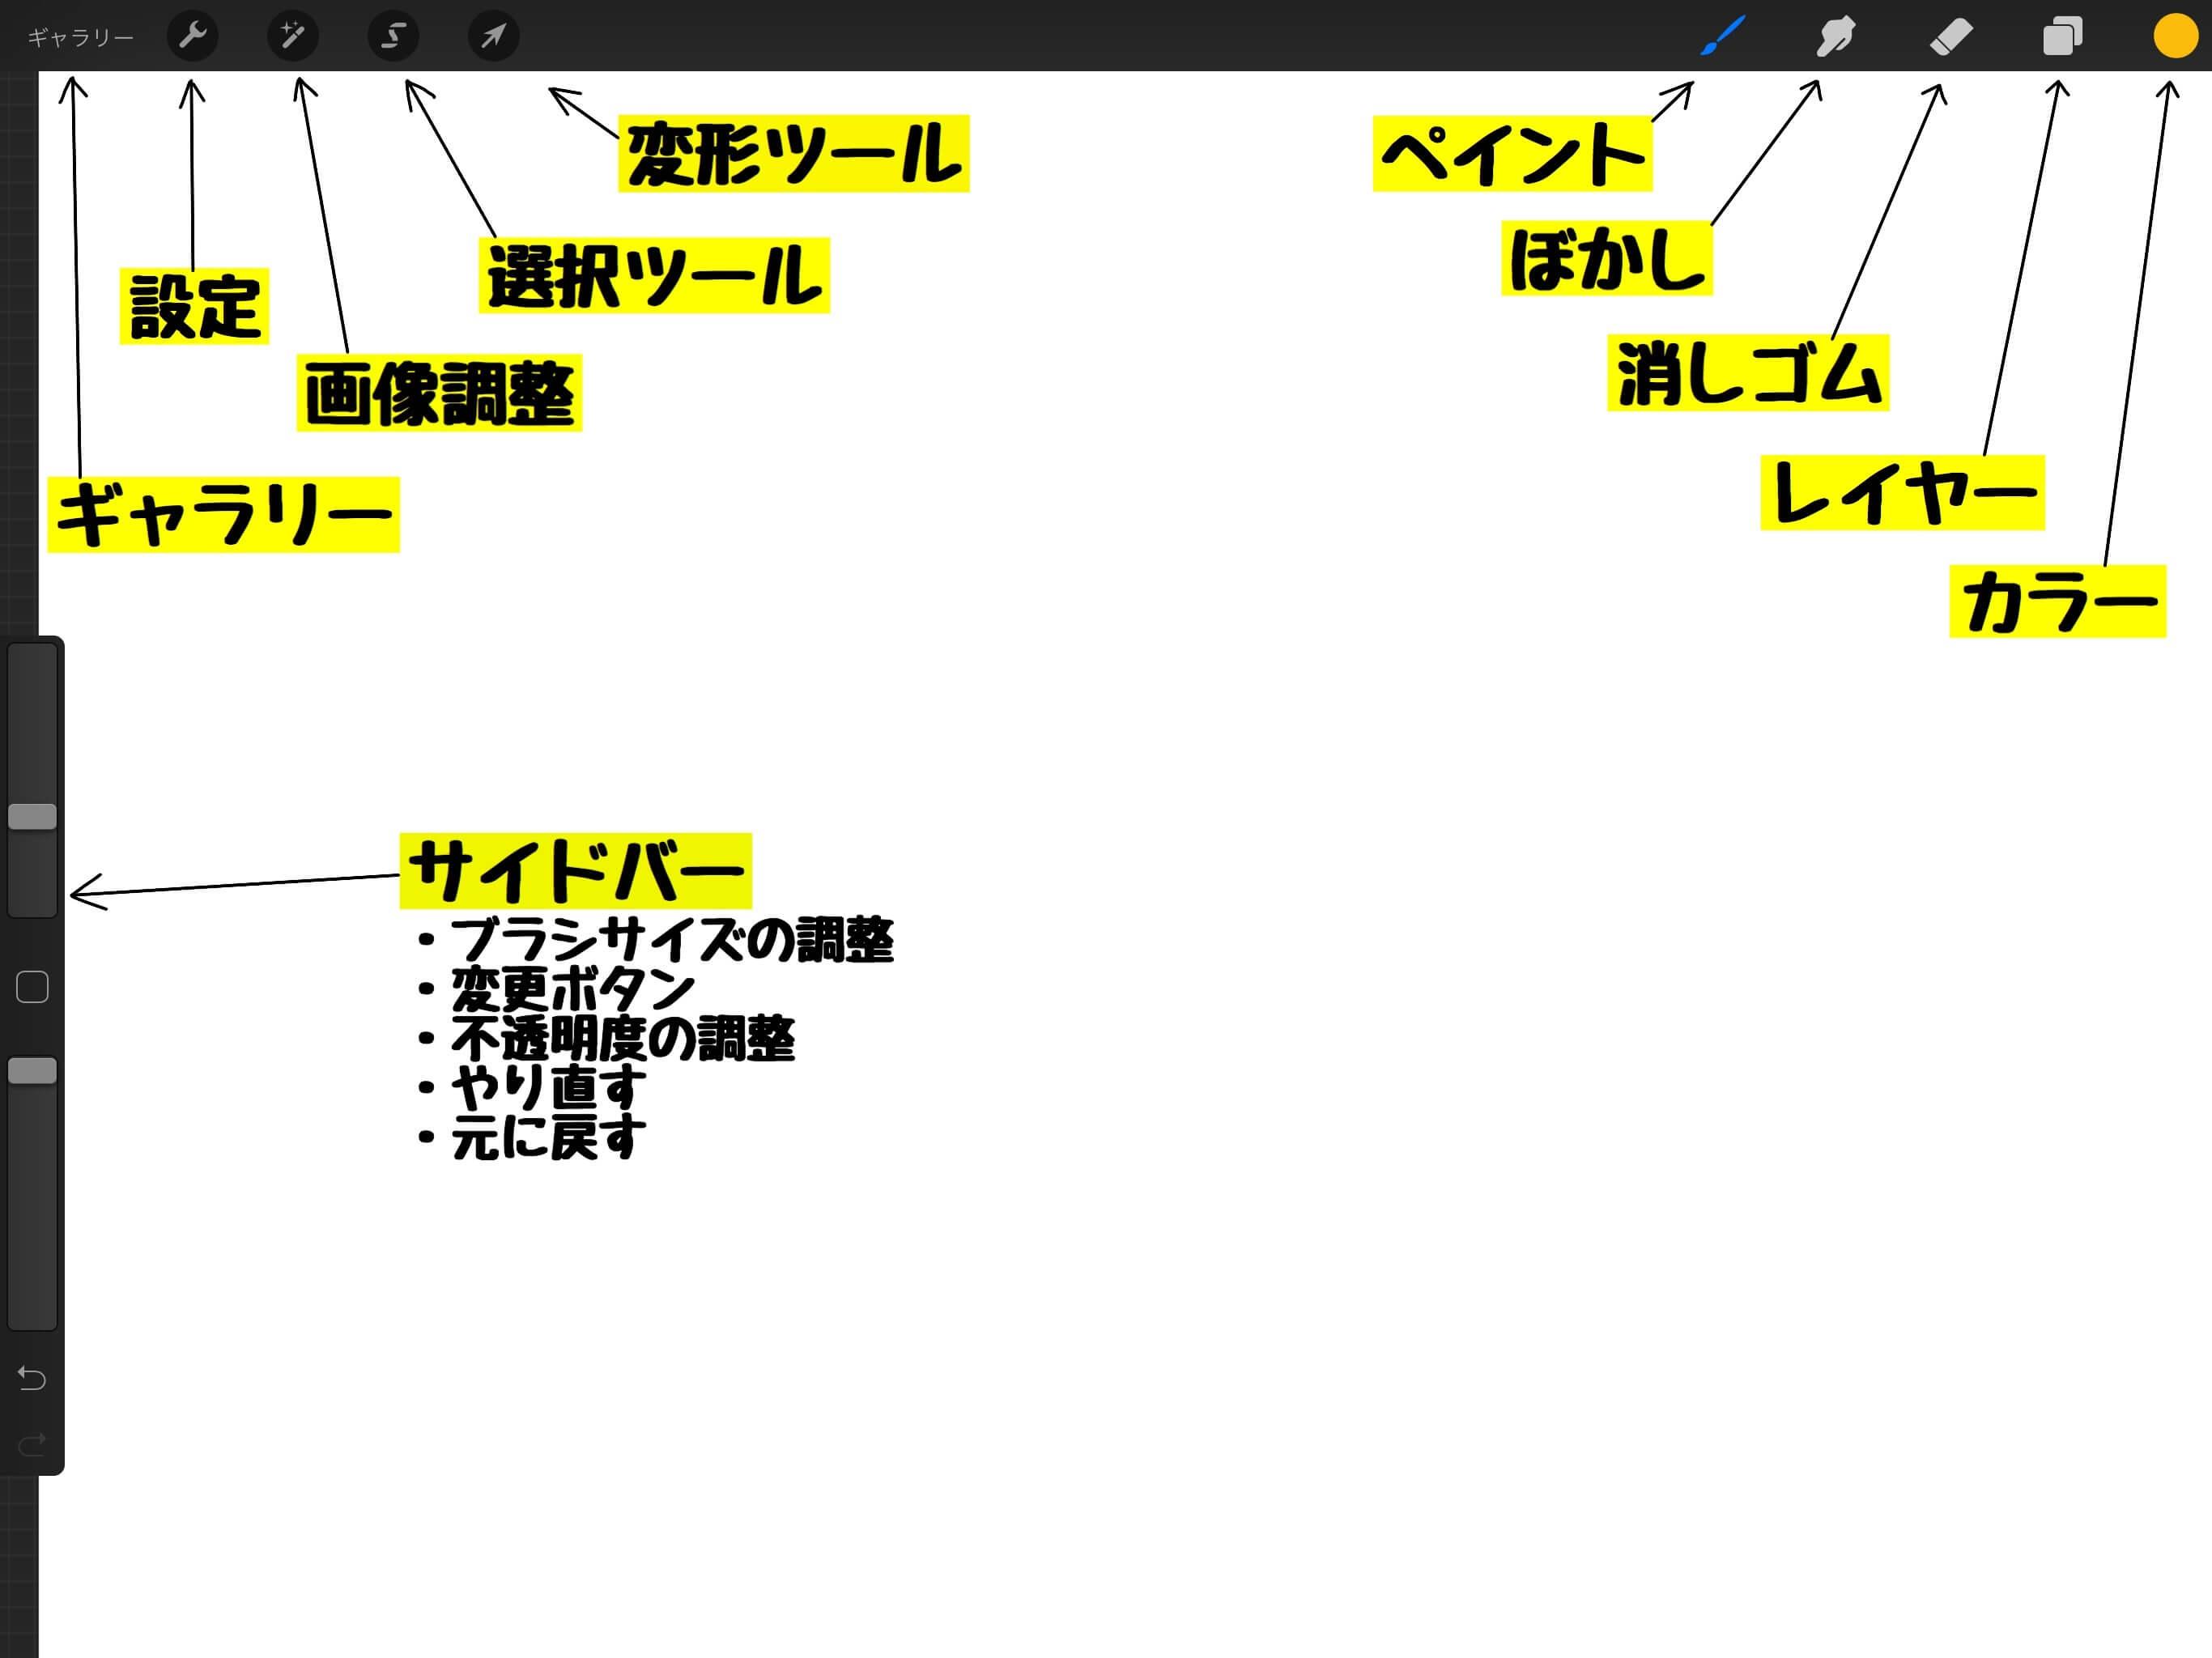 【Procreate(プロクリエイト)の使い方/iPad】まとめページ